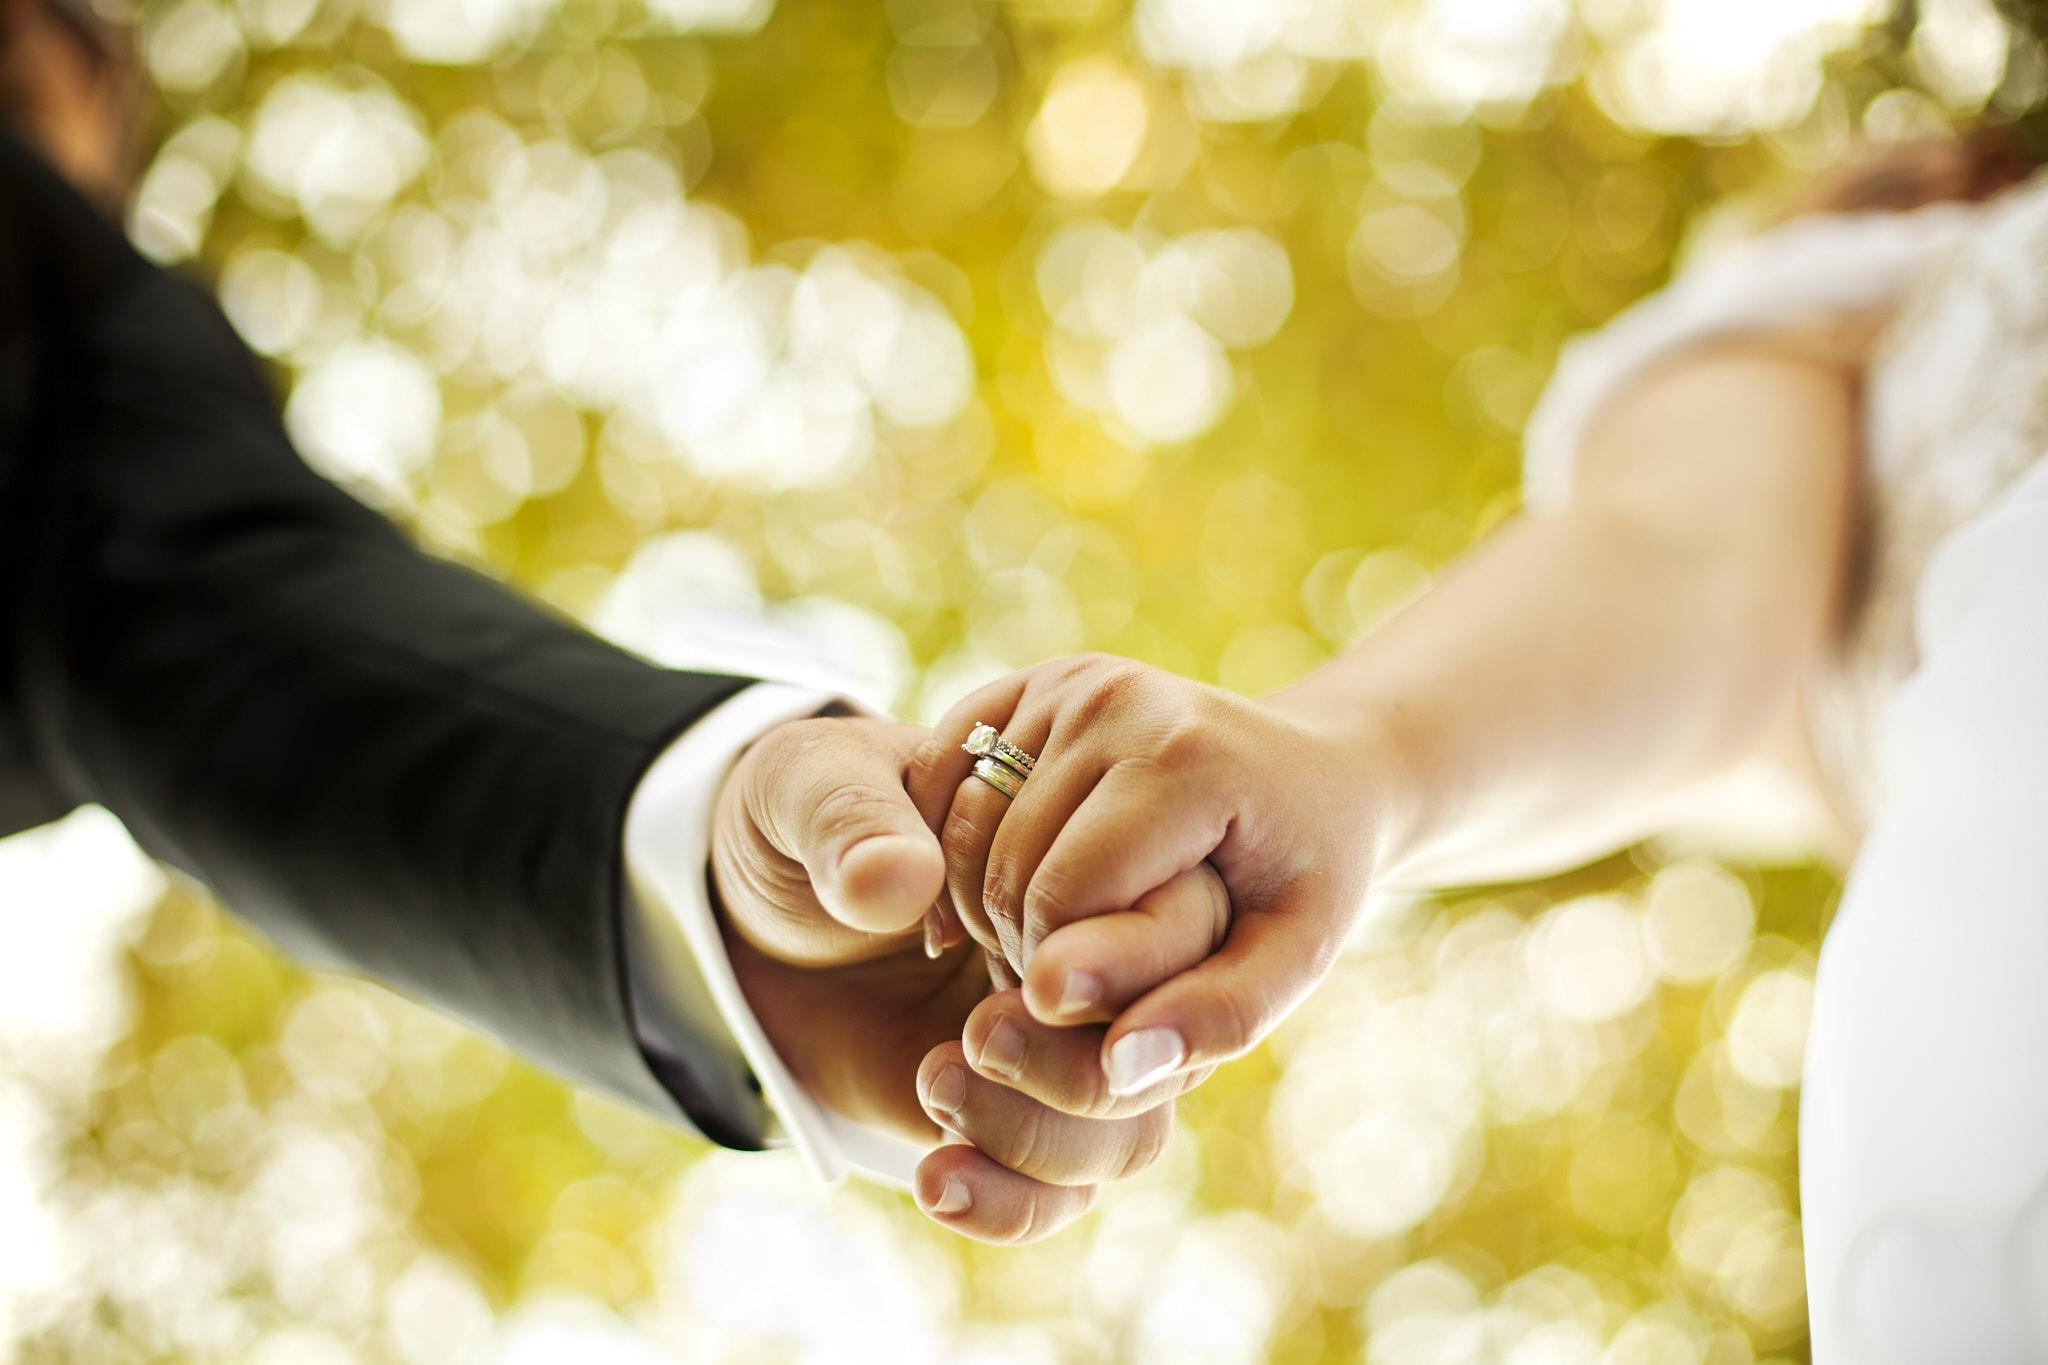 matrimonio rid 0_236